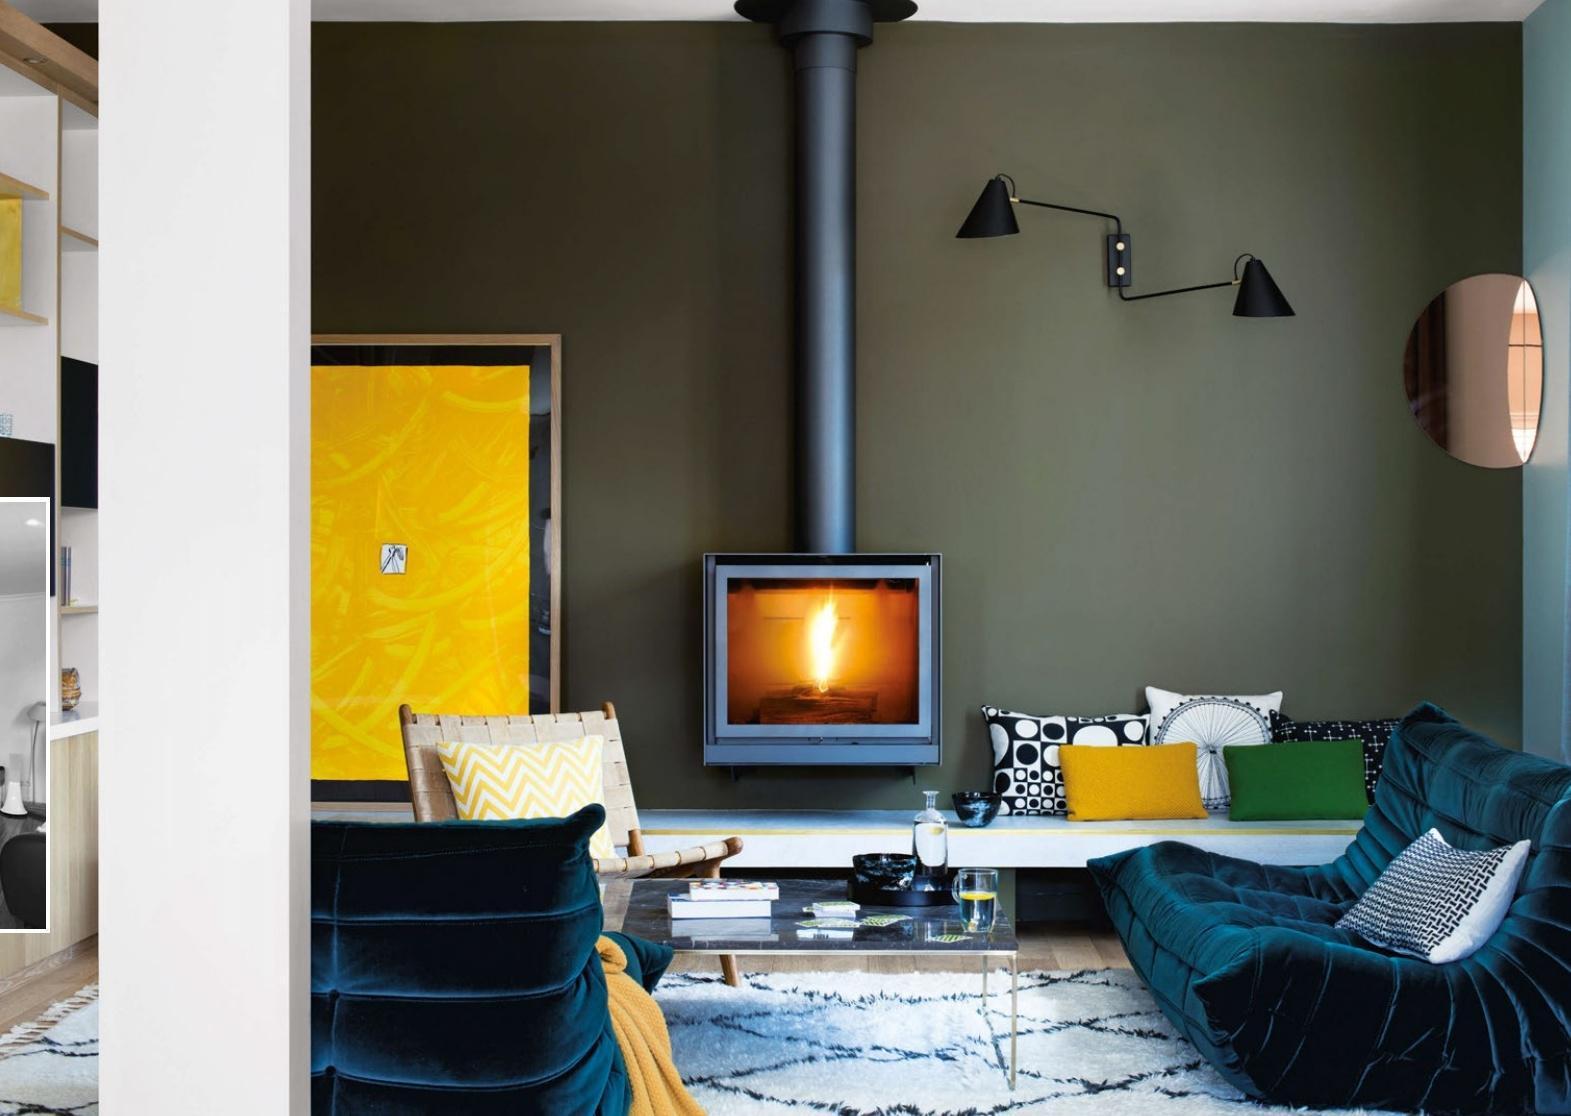 L'architecte Carole Dugelay signe une rénovation élégante et harmonieuse dans la maison d'un jeune couple à La Varenne Saint-Hilaire.,PAR STÉPHANIE BOITEUX-GALLARD – PHOTOS PATRICK SORDOILLET